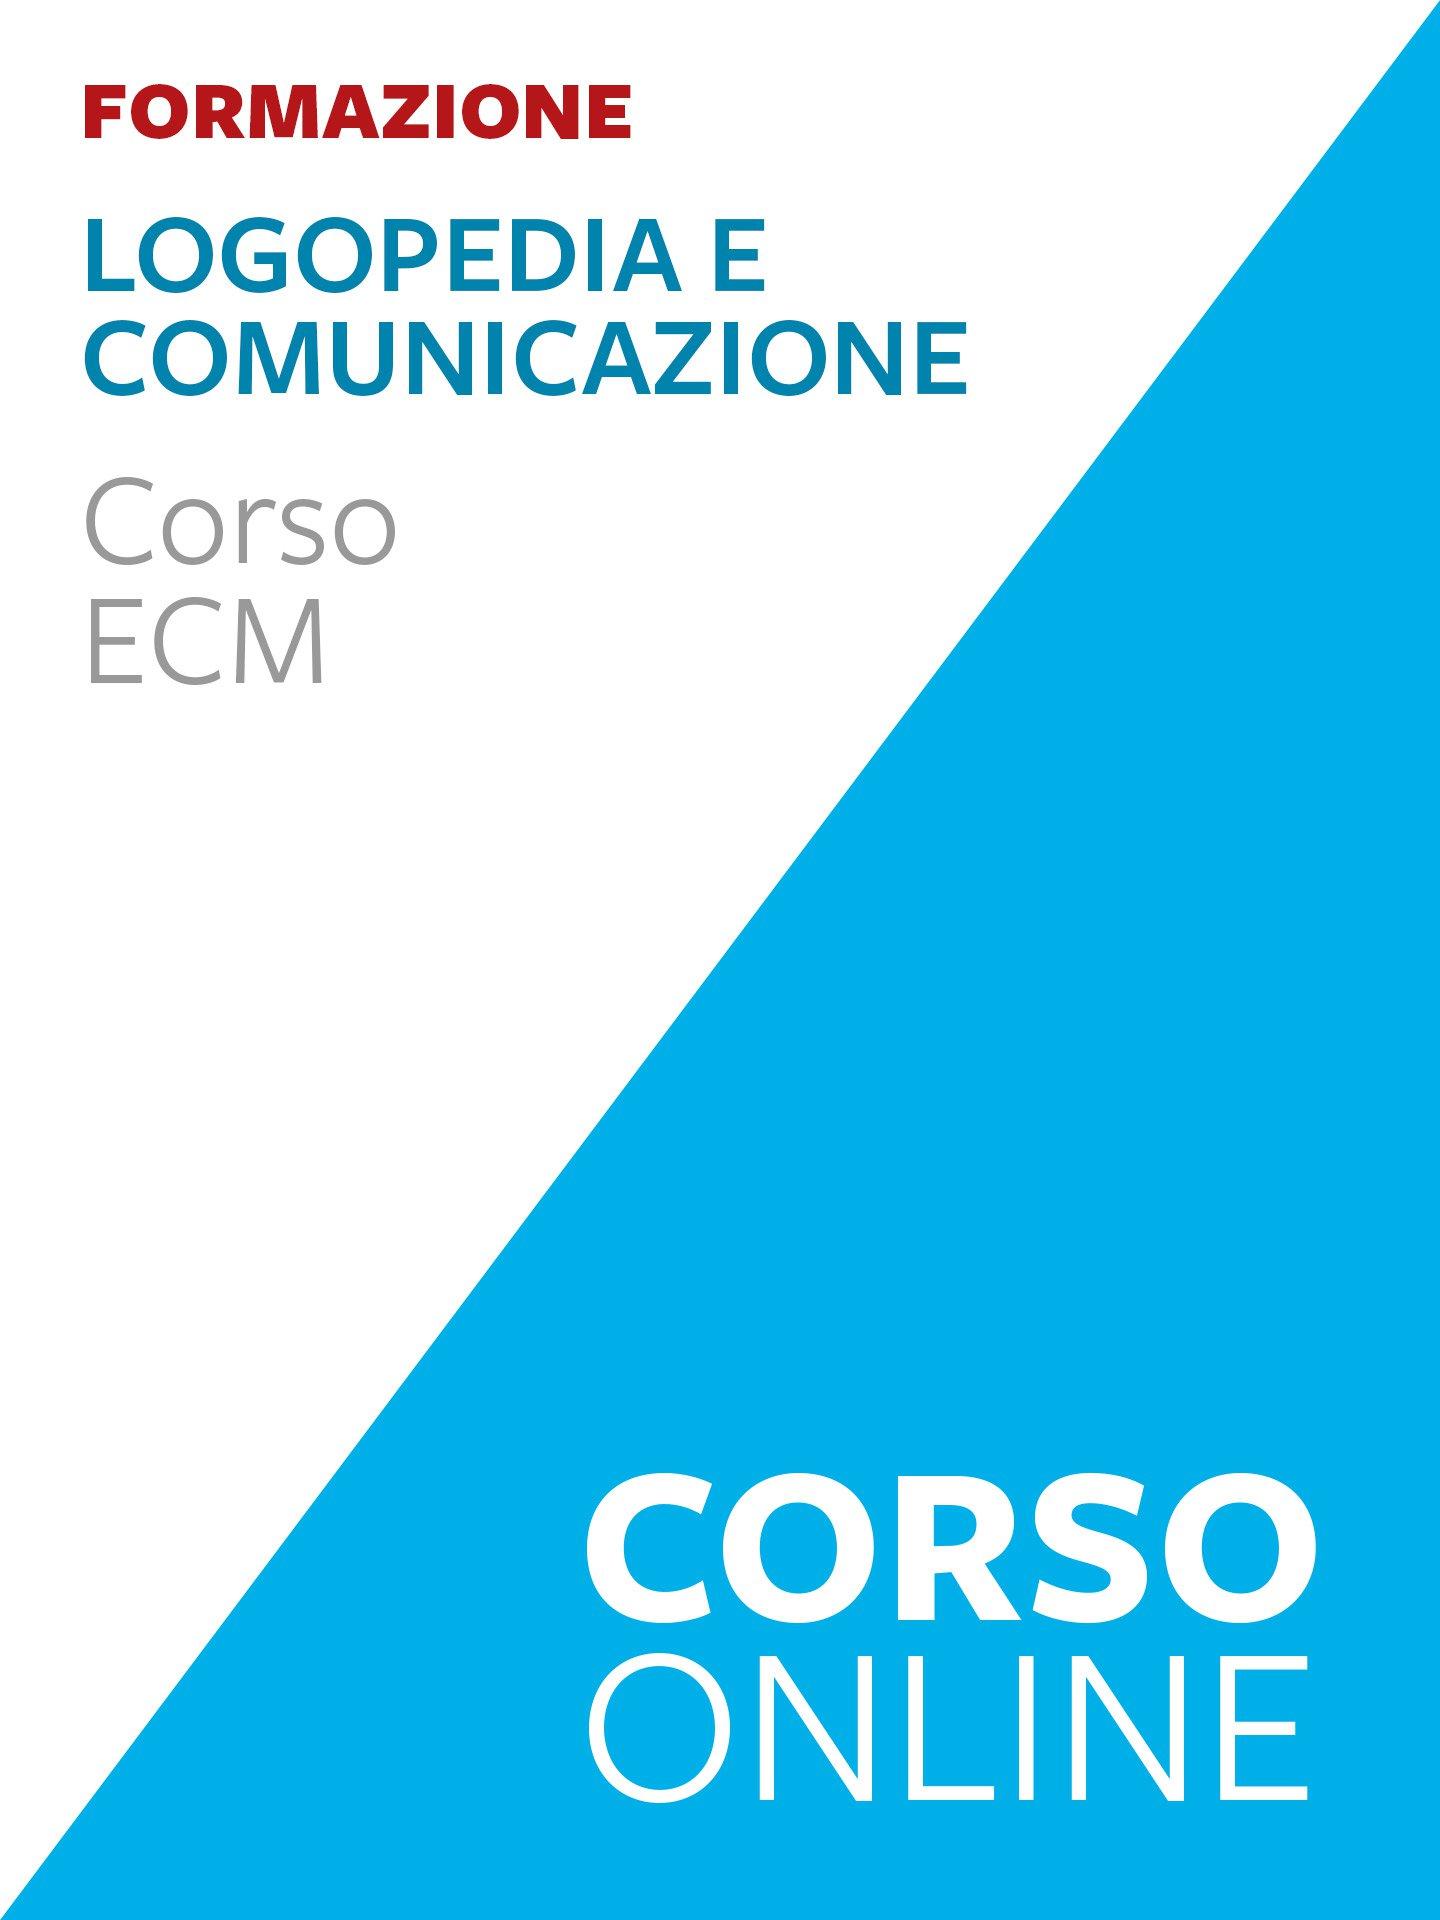 Logopedia e comunicazione - corso online 25 ECM Iscrizione Corso online + ECM - Erickson Eshop